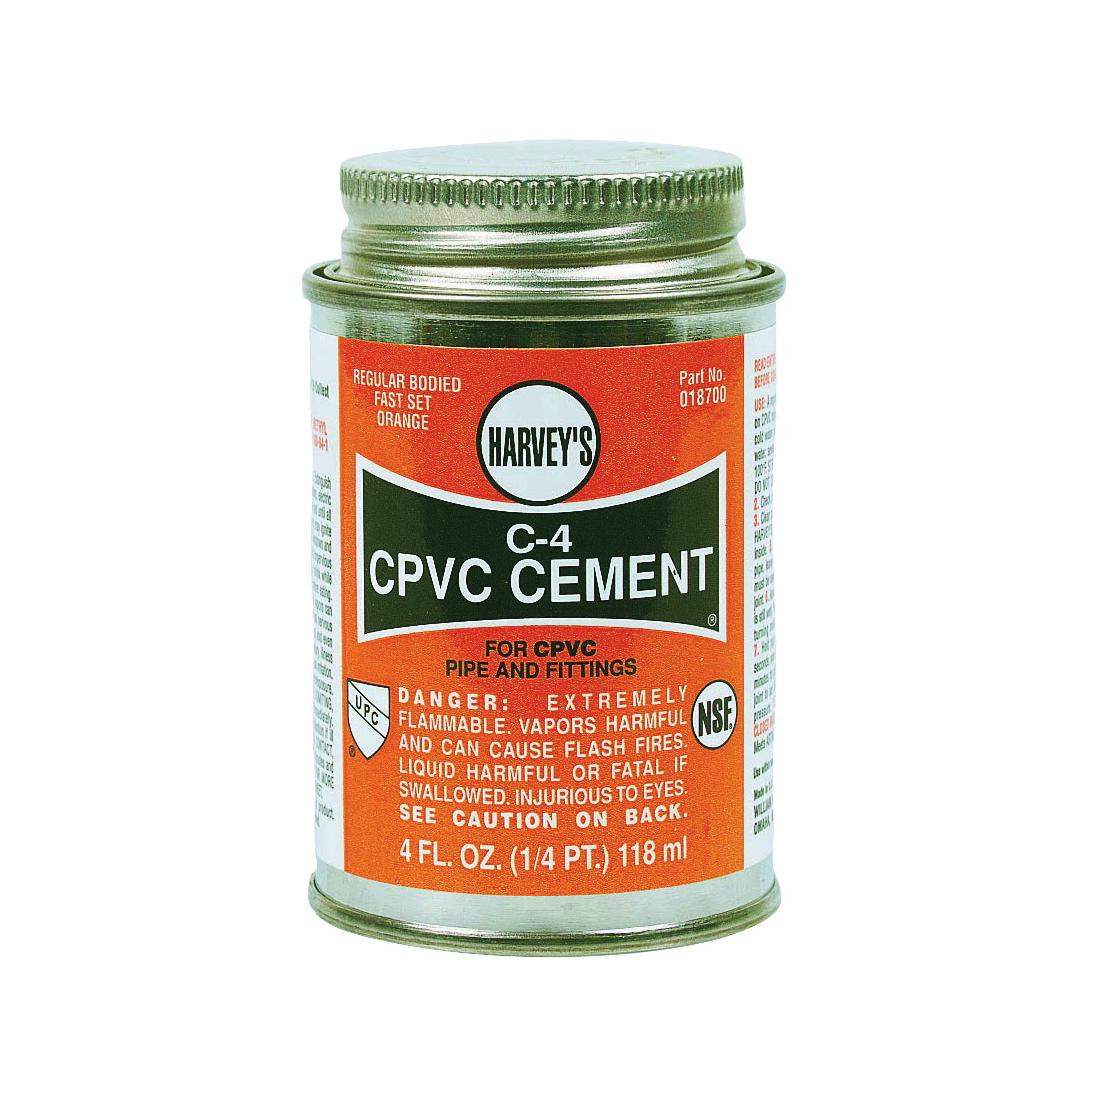 Picture of HARVEY 018700-24 Solvent Cement, 4 oz, Can, Liquid, Orange